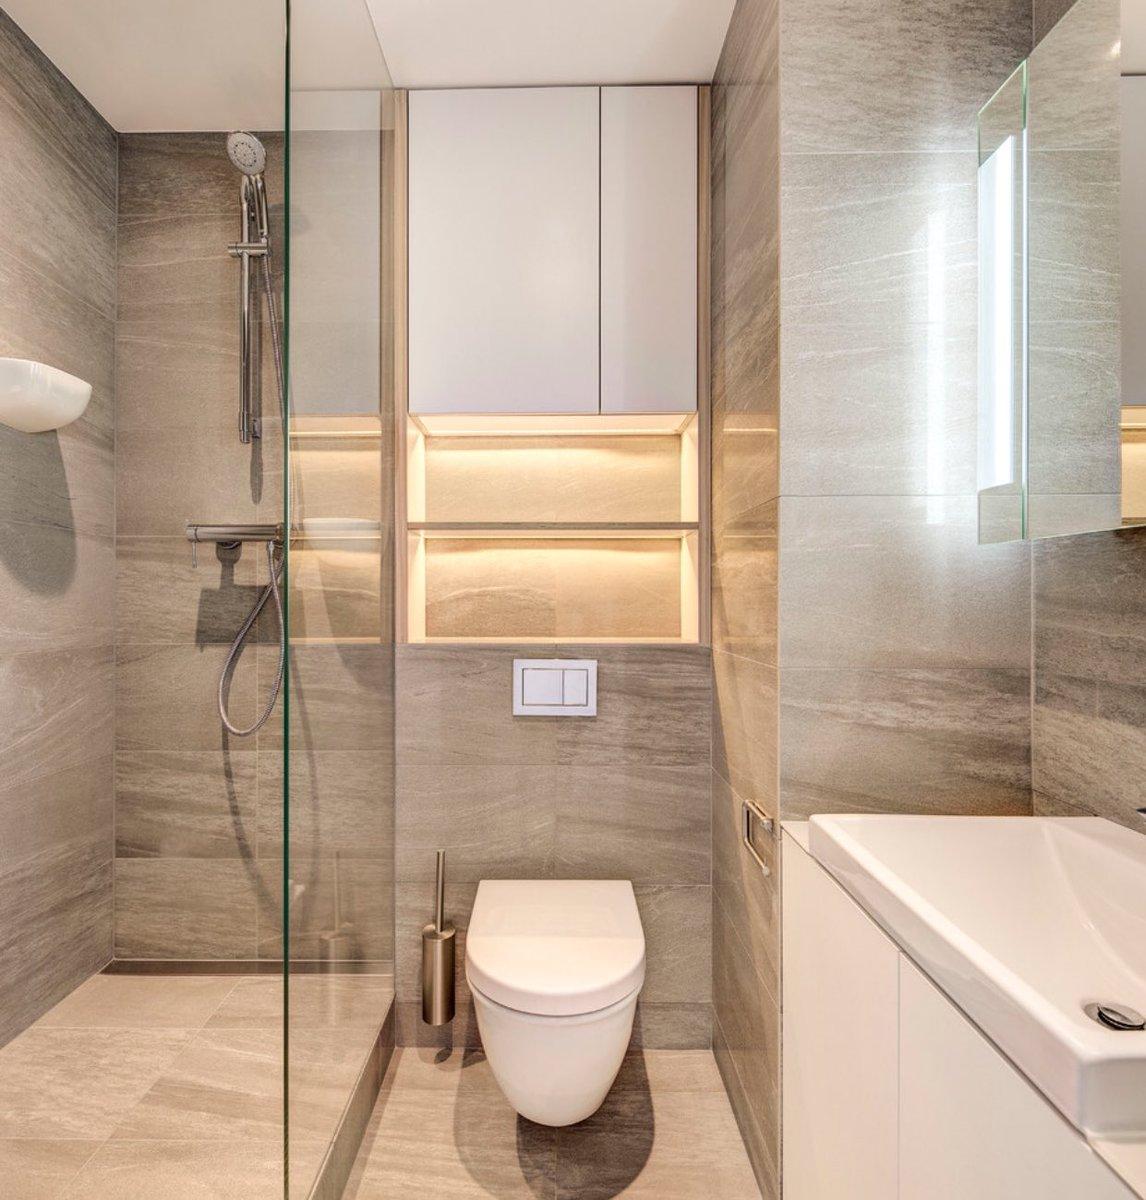 بالصور تصاميم حمامات , شاهد احدث تصاميم الحمامات العصرية 1934 8